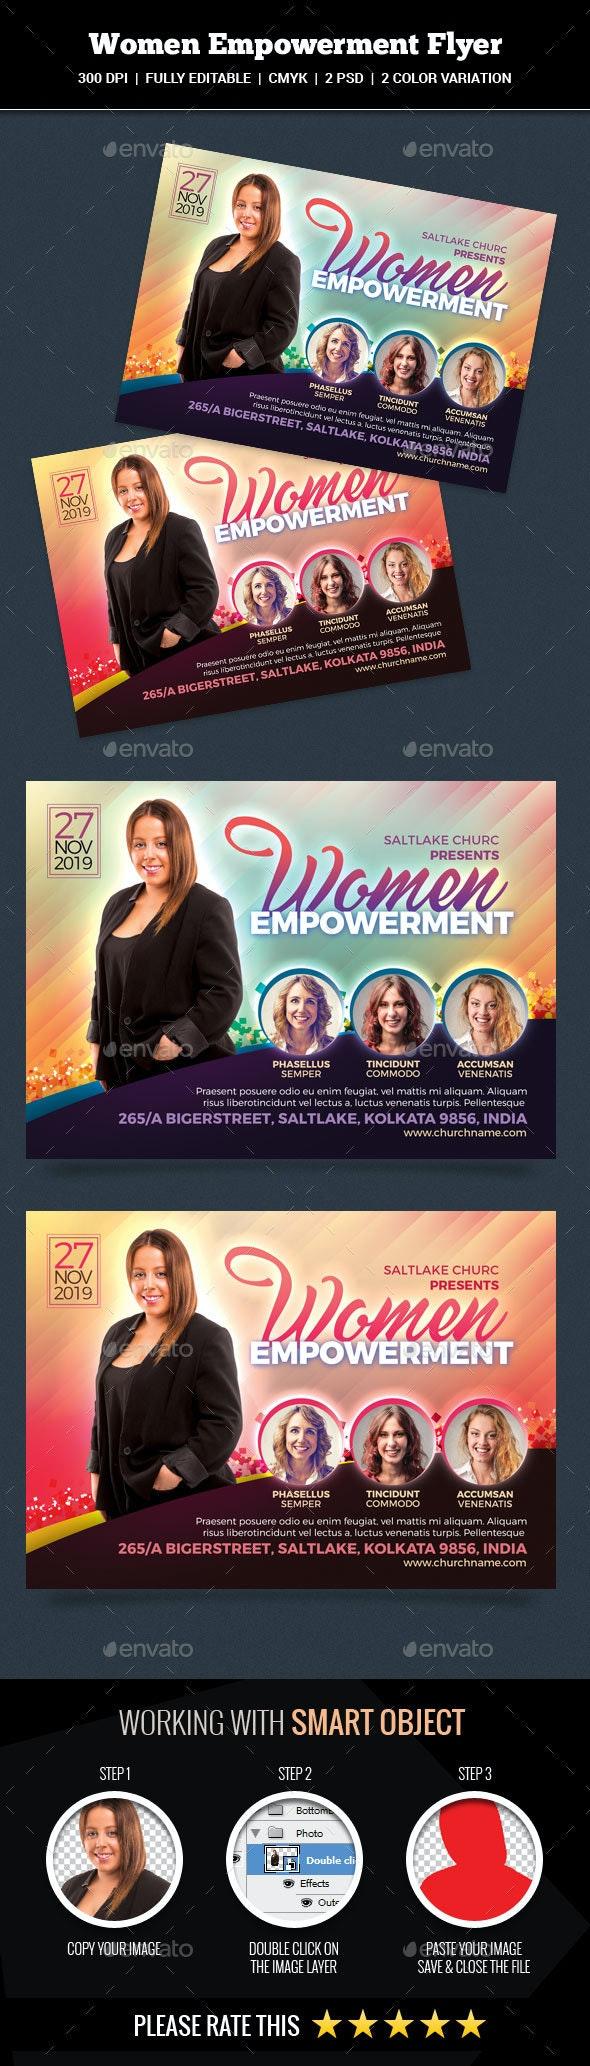 Women Empowerment Flyer - Church Flyers